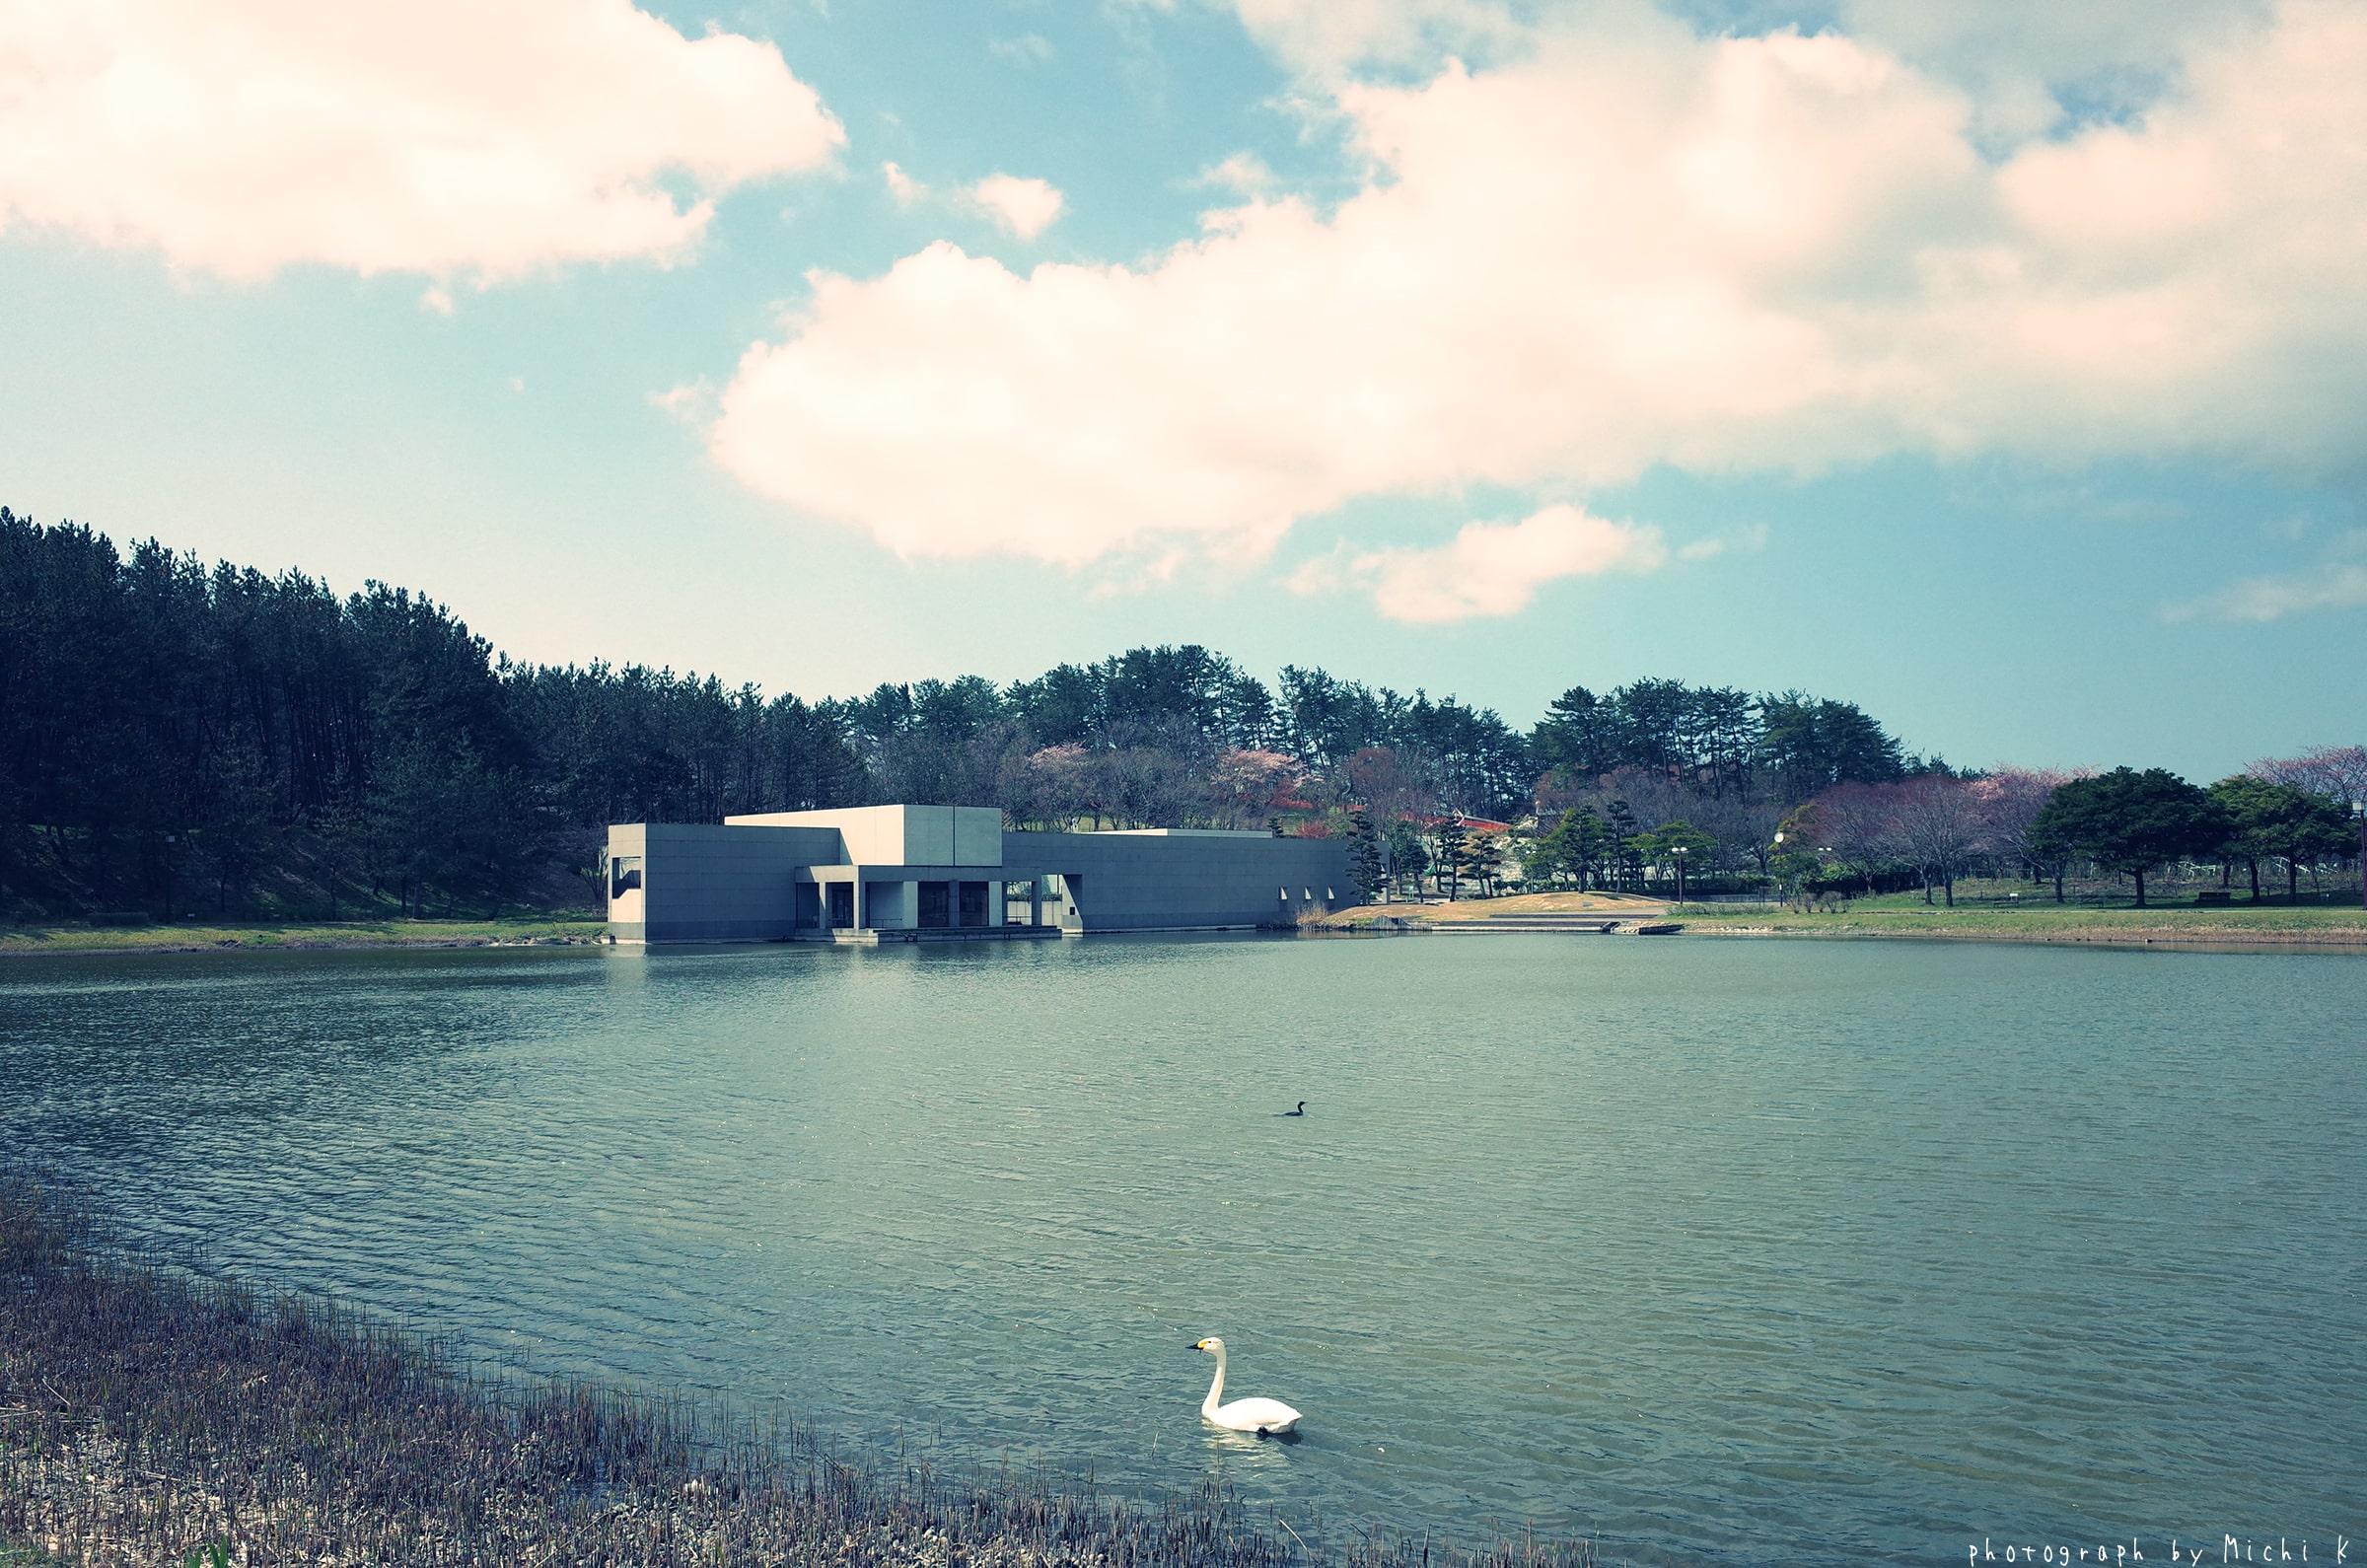 土門拳記念館2019-4-16(写真その2)